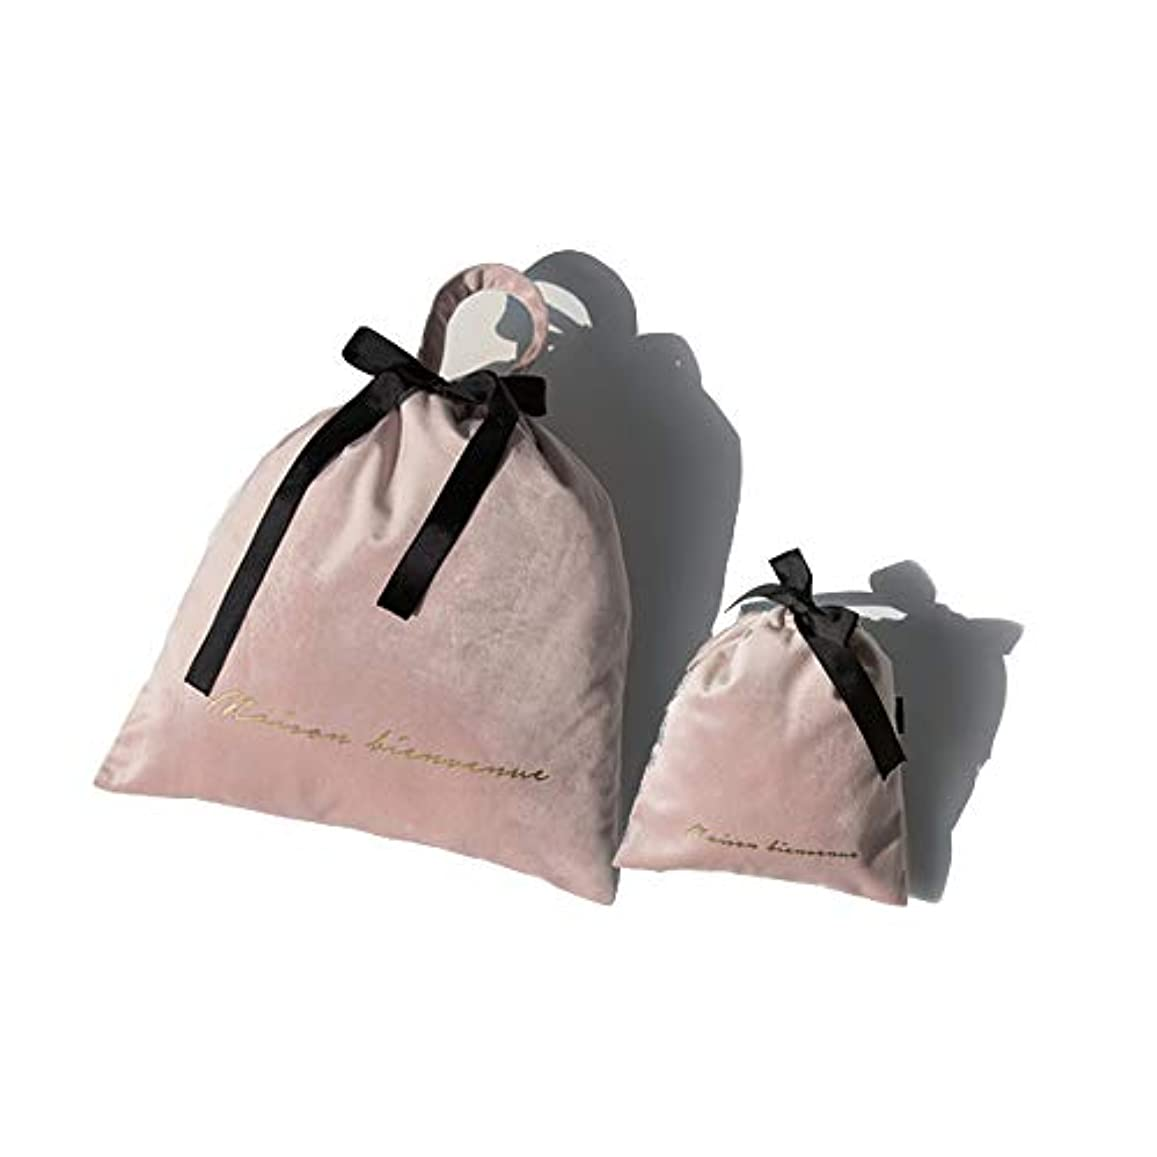 誘導匿名僕のSIRIN メイクポーチ ベルベット 巾着袋 化粧ポーチ コスメポーチ 旅行出張用収納バッグ 巾着ポーチ 小物入れ メイク用品 キャリーケース 大容量 携帯用 4色選べる 軽量 おしゃれ プレゼント ギフト (ピンク)